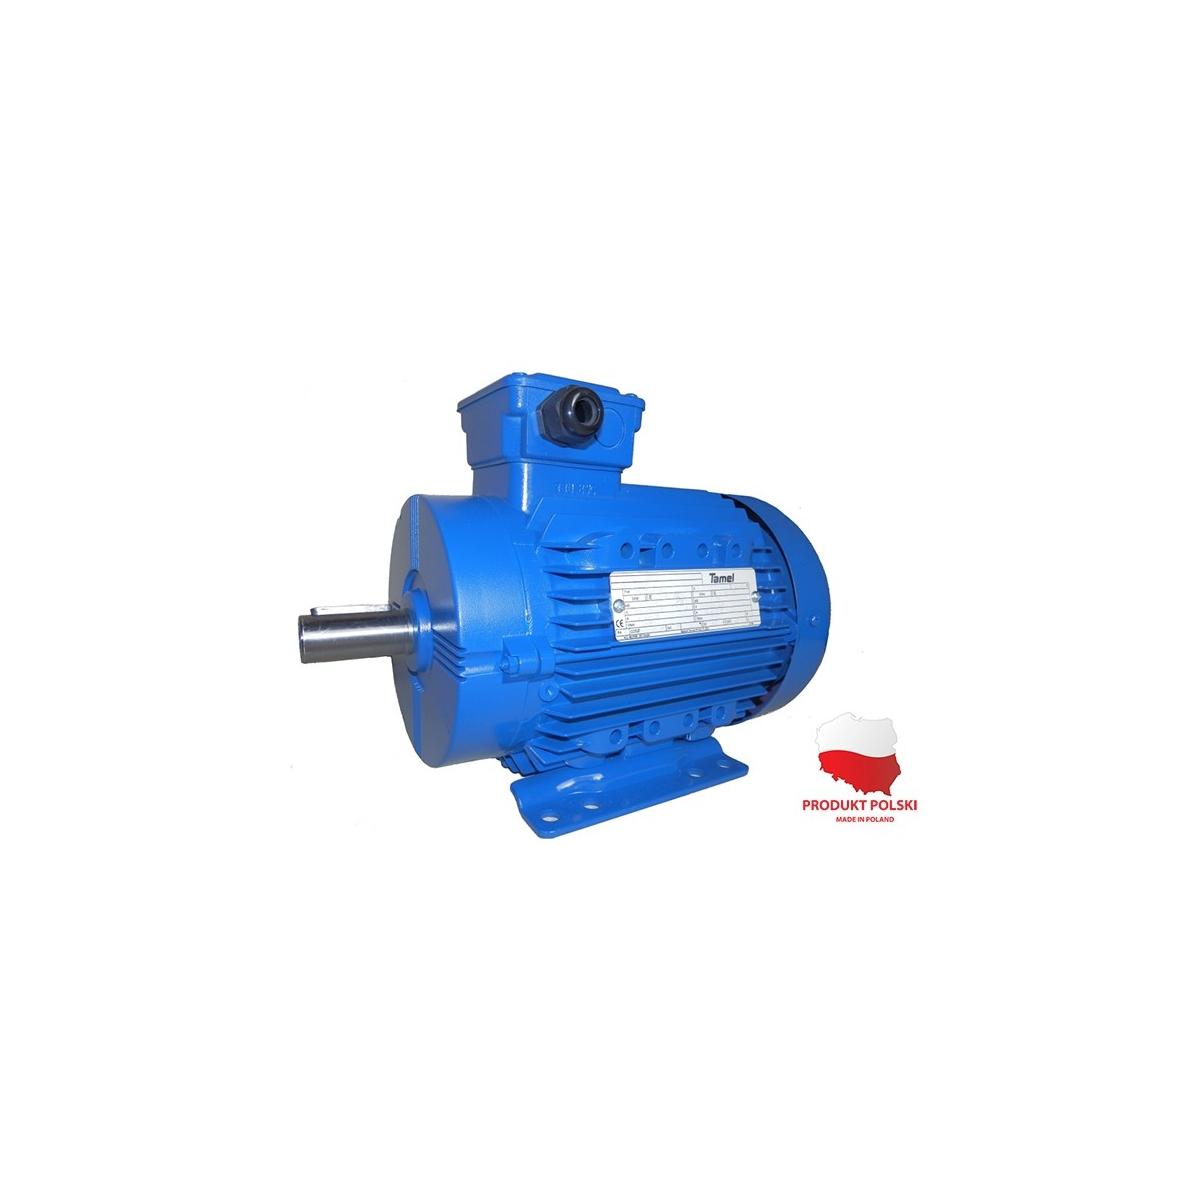 Silnik elektryczny 4SG132S-2A-IE2 Silnik elektryczny 4SG132S-2A-IE2